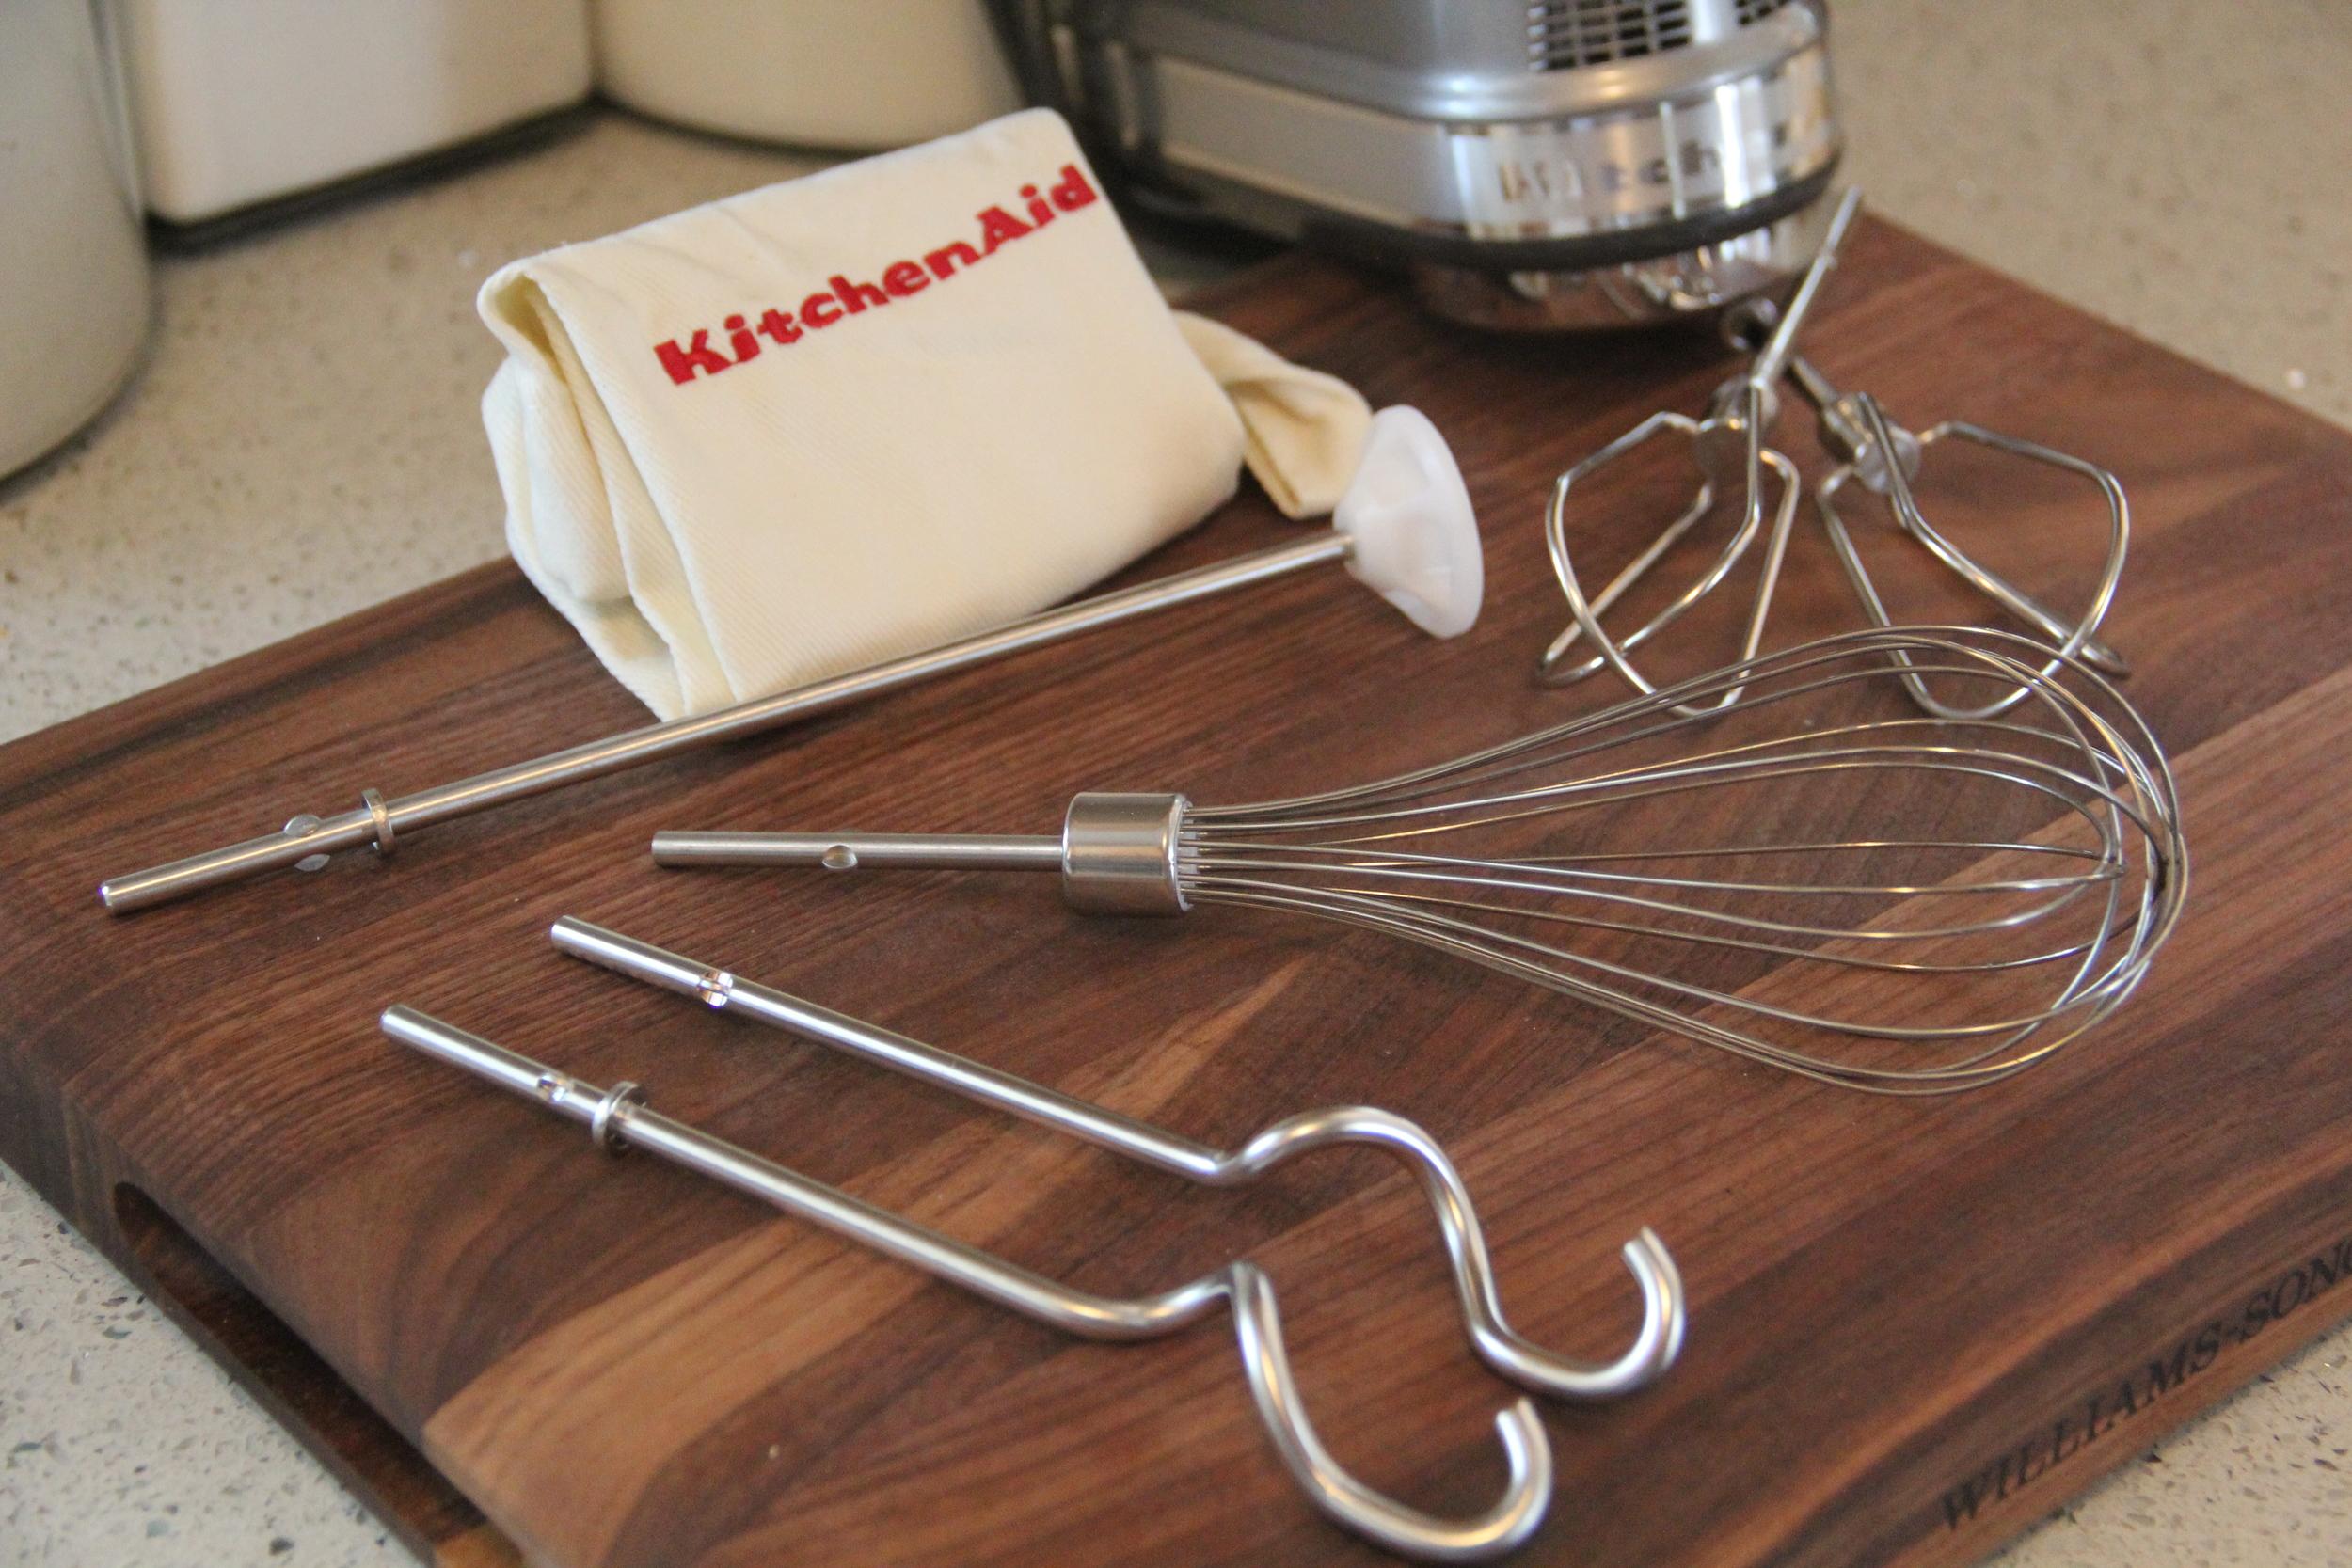 Kitchen Aid 9 Speed Hand Mixer.JPG